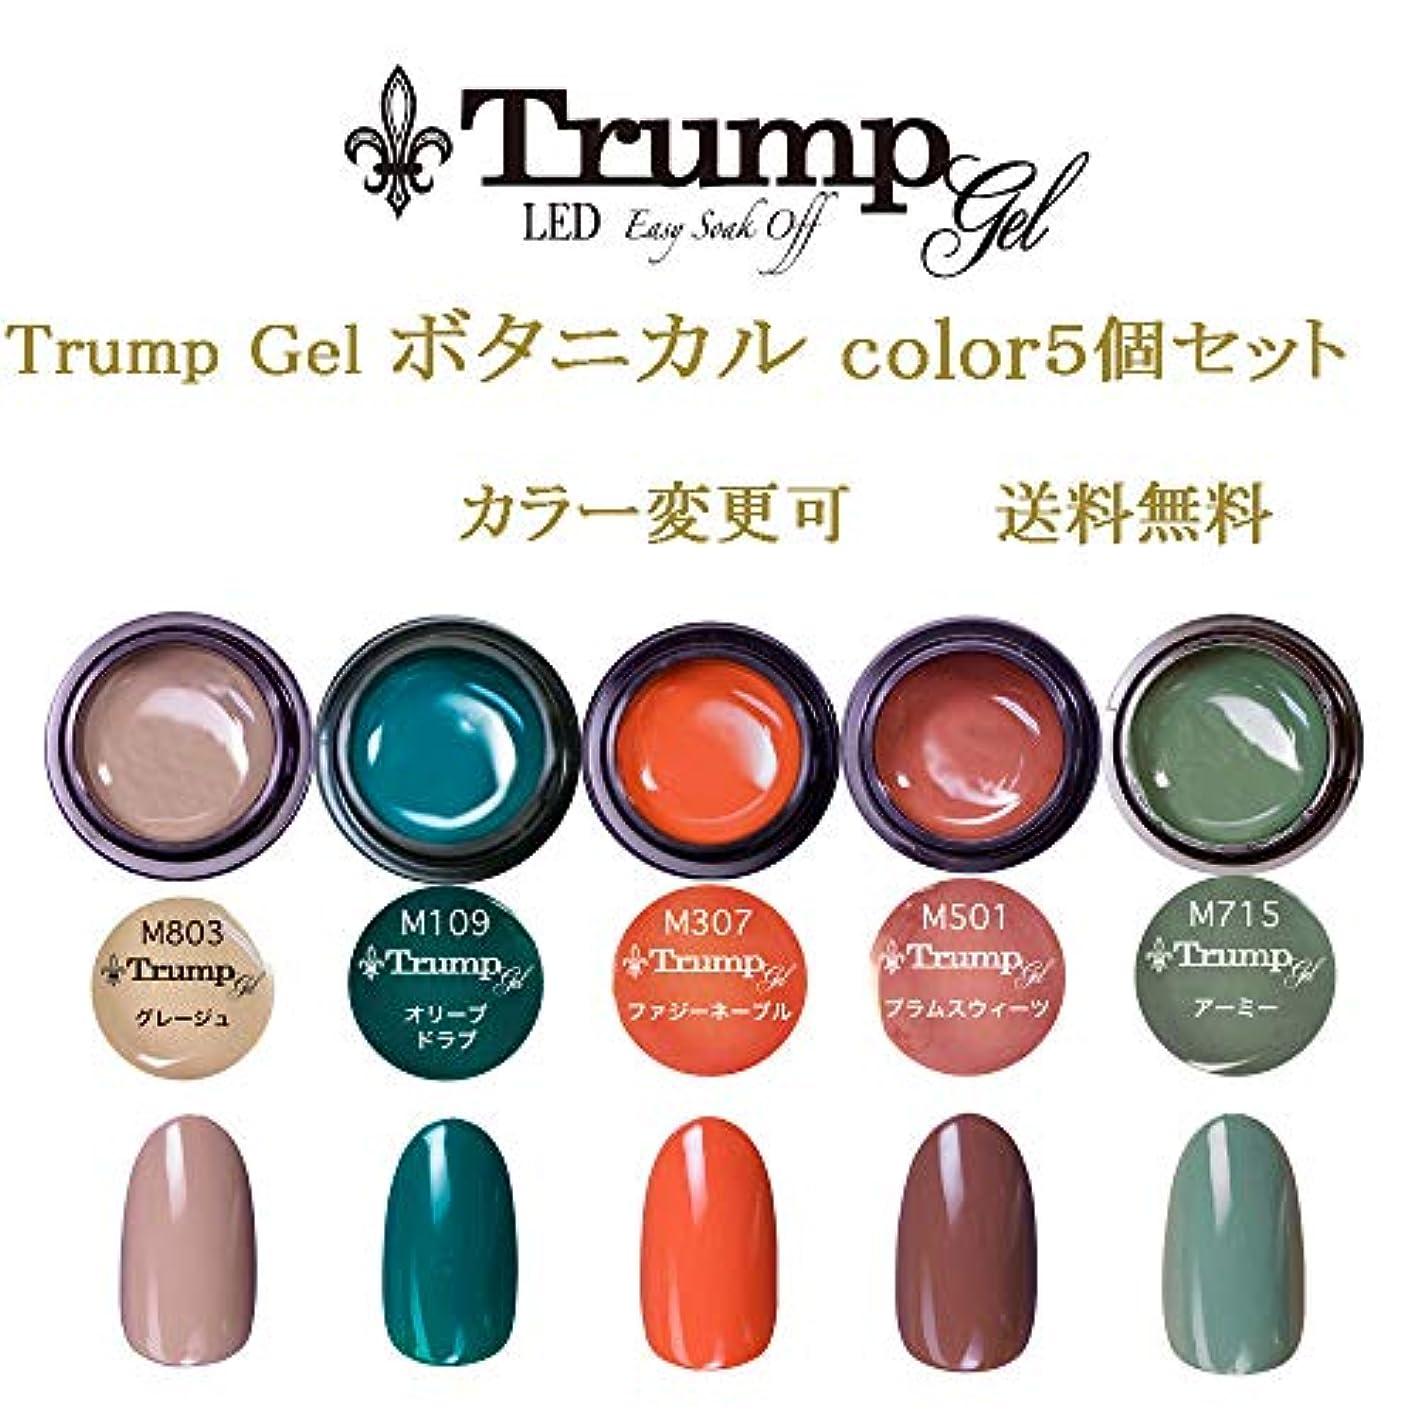 マティス安定したスティック日本製 Trump gel トランプジェル ボタニカルカラー 選べる カラージェル 5個セット カーキー ベージュ グリーン